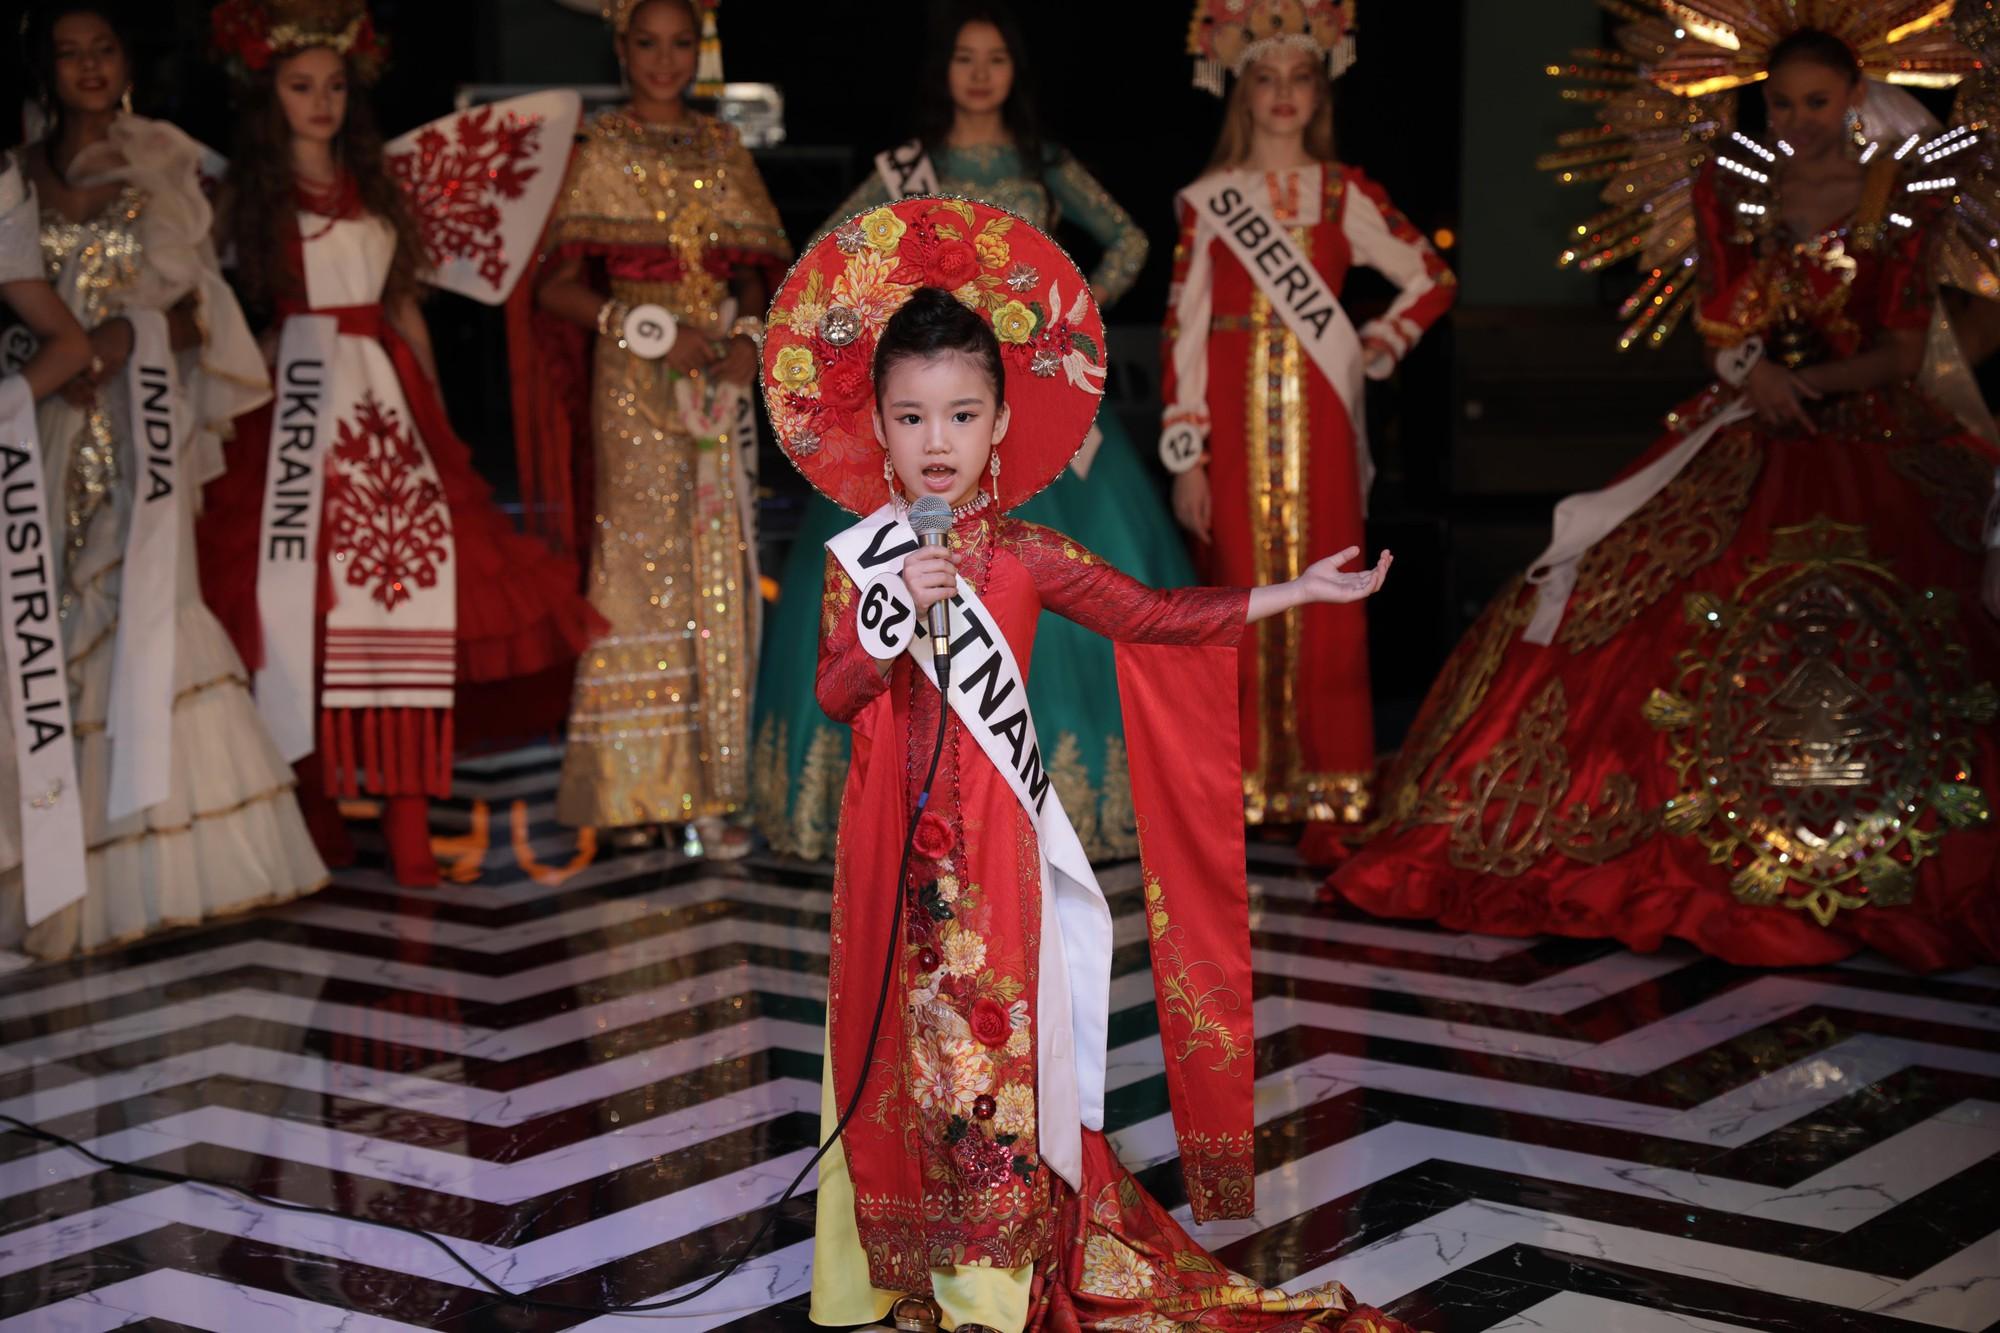 """""""Hoa hậu Hoàn vũ nhí 2019"""" Bảo Anh sau đăng quang: Cô Phạm Hương đã truyền cảm hứng để đi thi từ năm 3 tuổi - Ảnh 6."""